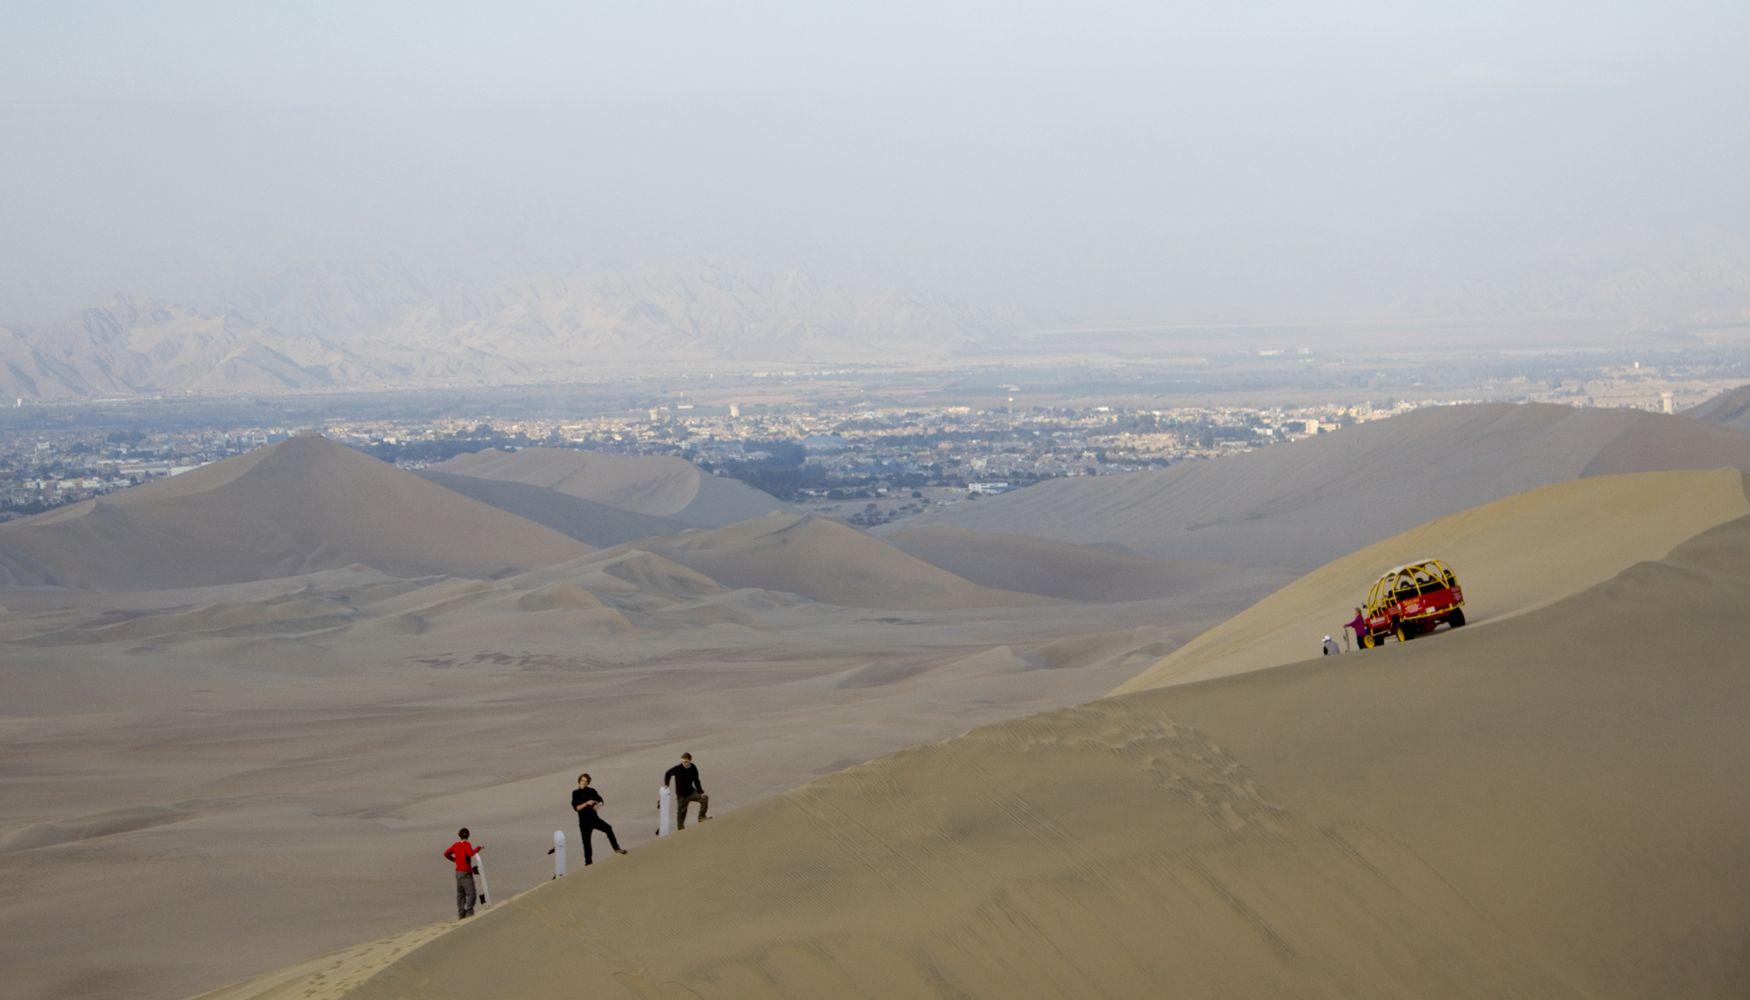 Dune buggy, Huacachina, Peru